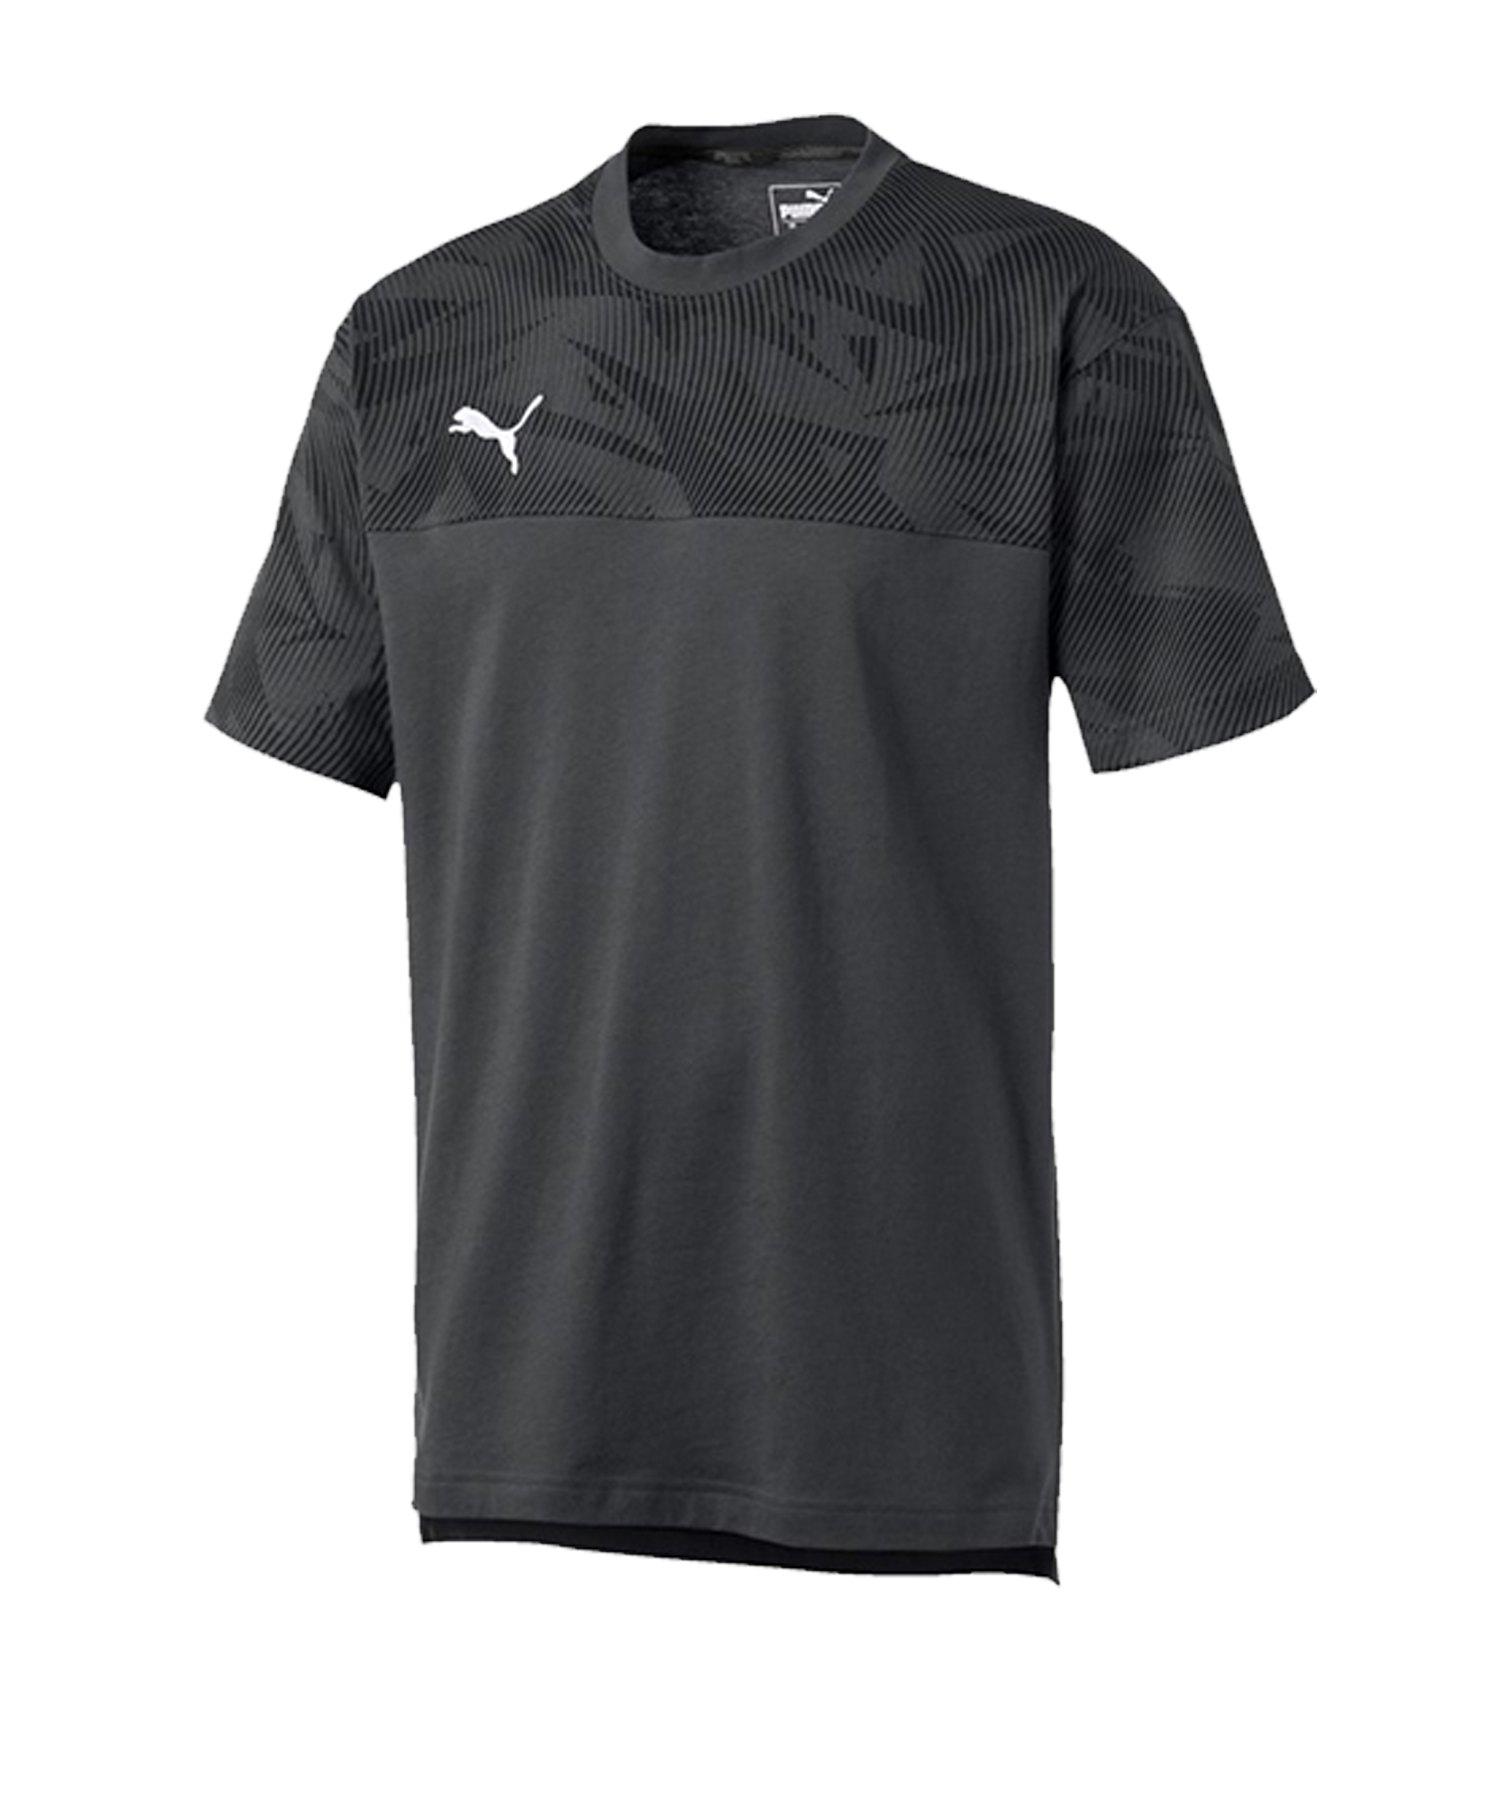 PUMA CUP Casuals Tee T-Shirt Grau F37 - grau